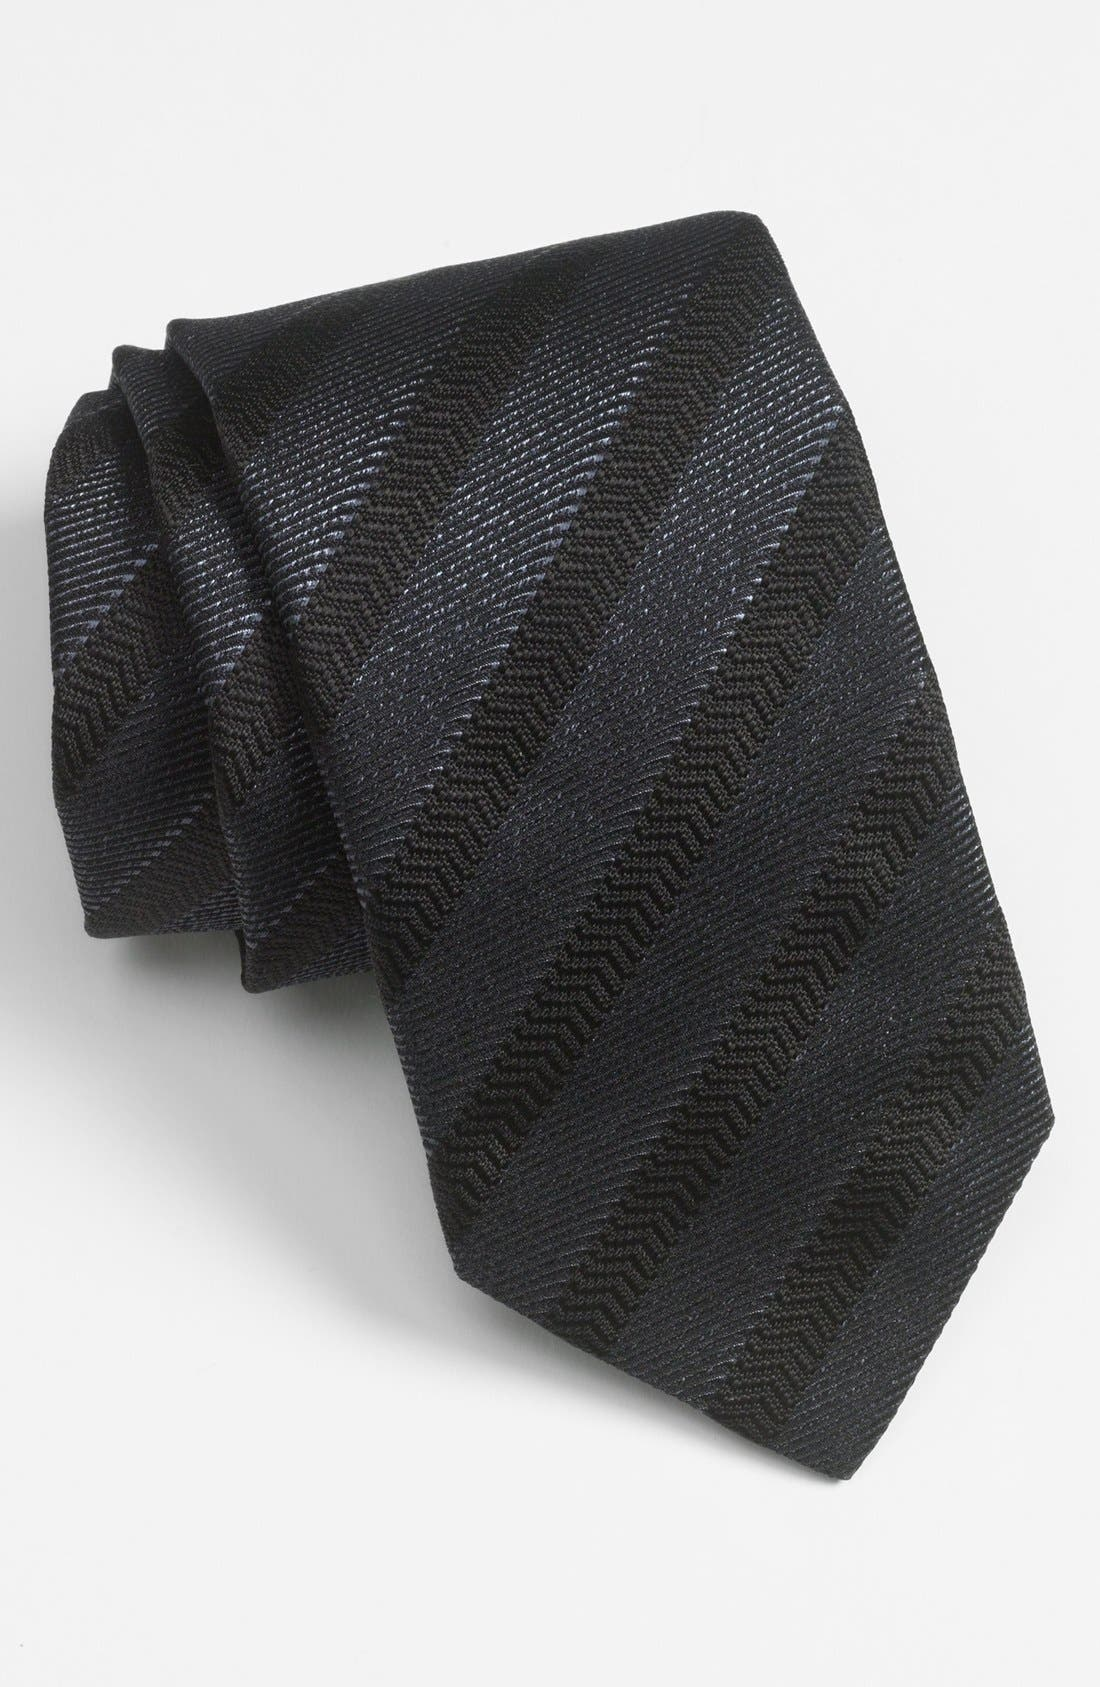 Alternate Image 1 Selected - Yves Saint Laurent Woven Herringbone Tie